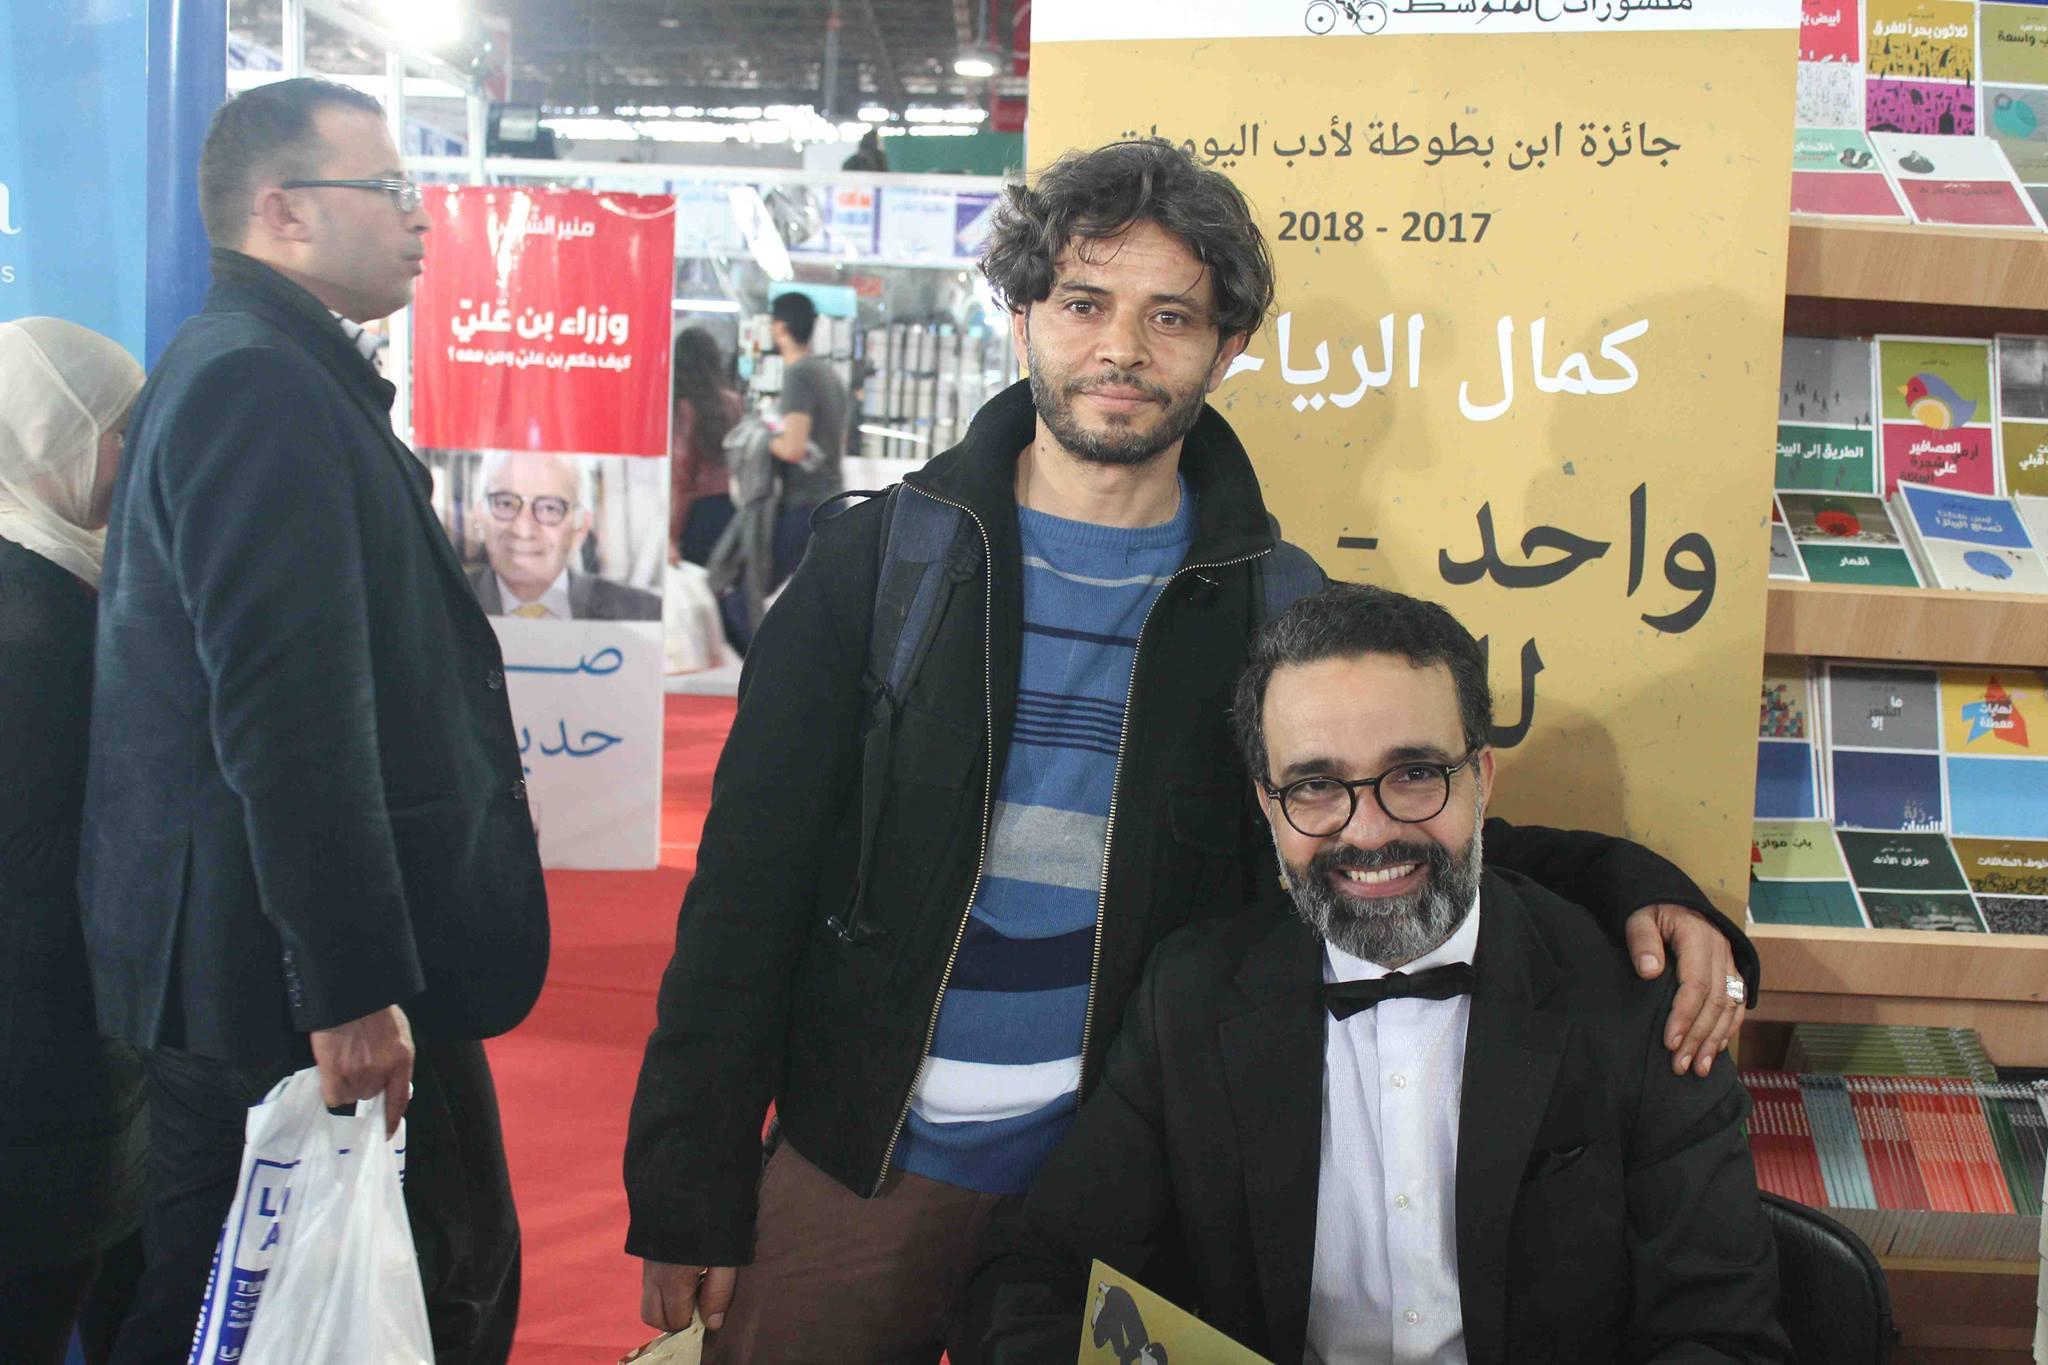 كمال الرياحى يوقع كتابه واحد صفر للقتيل الفائز بجائزة ابن بطوطة فى معرض تونس (18)